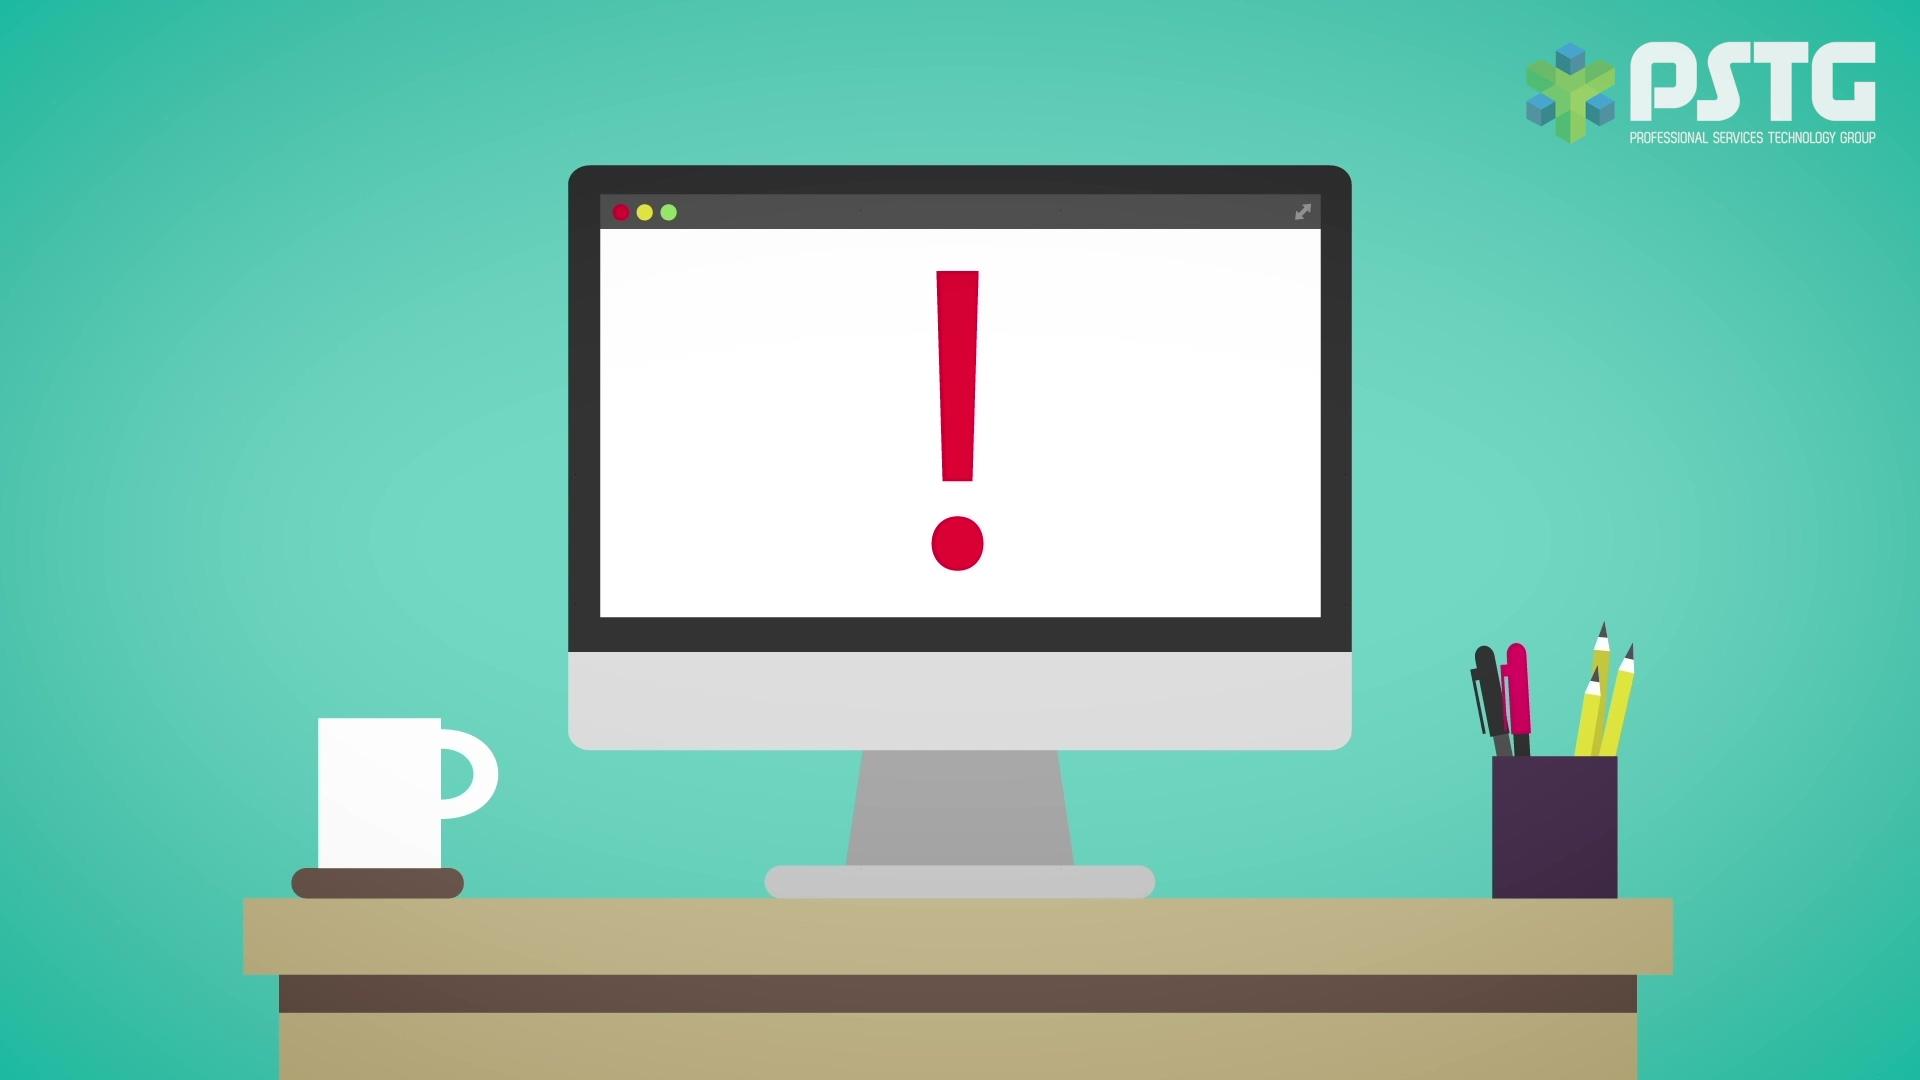 PSTG help desk video 2